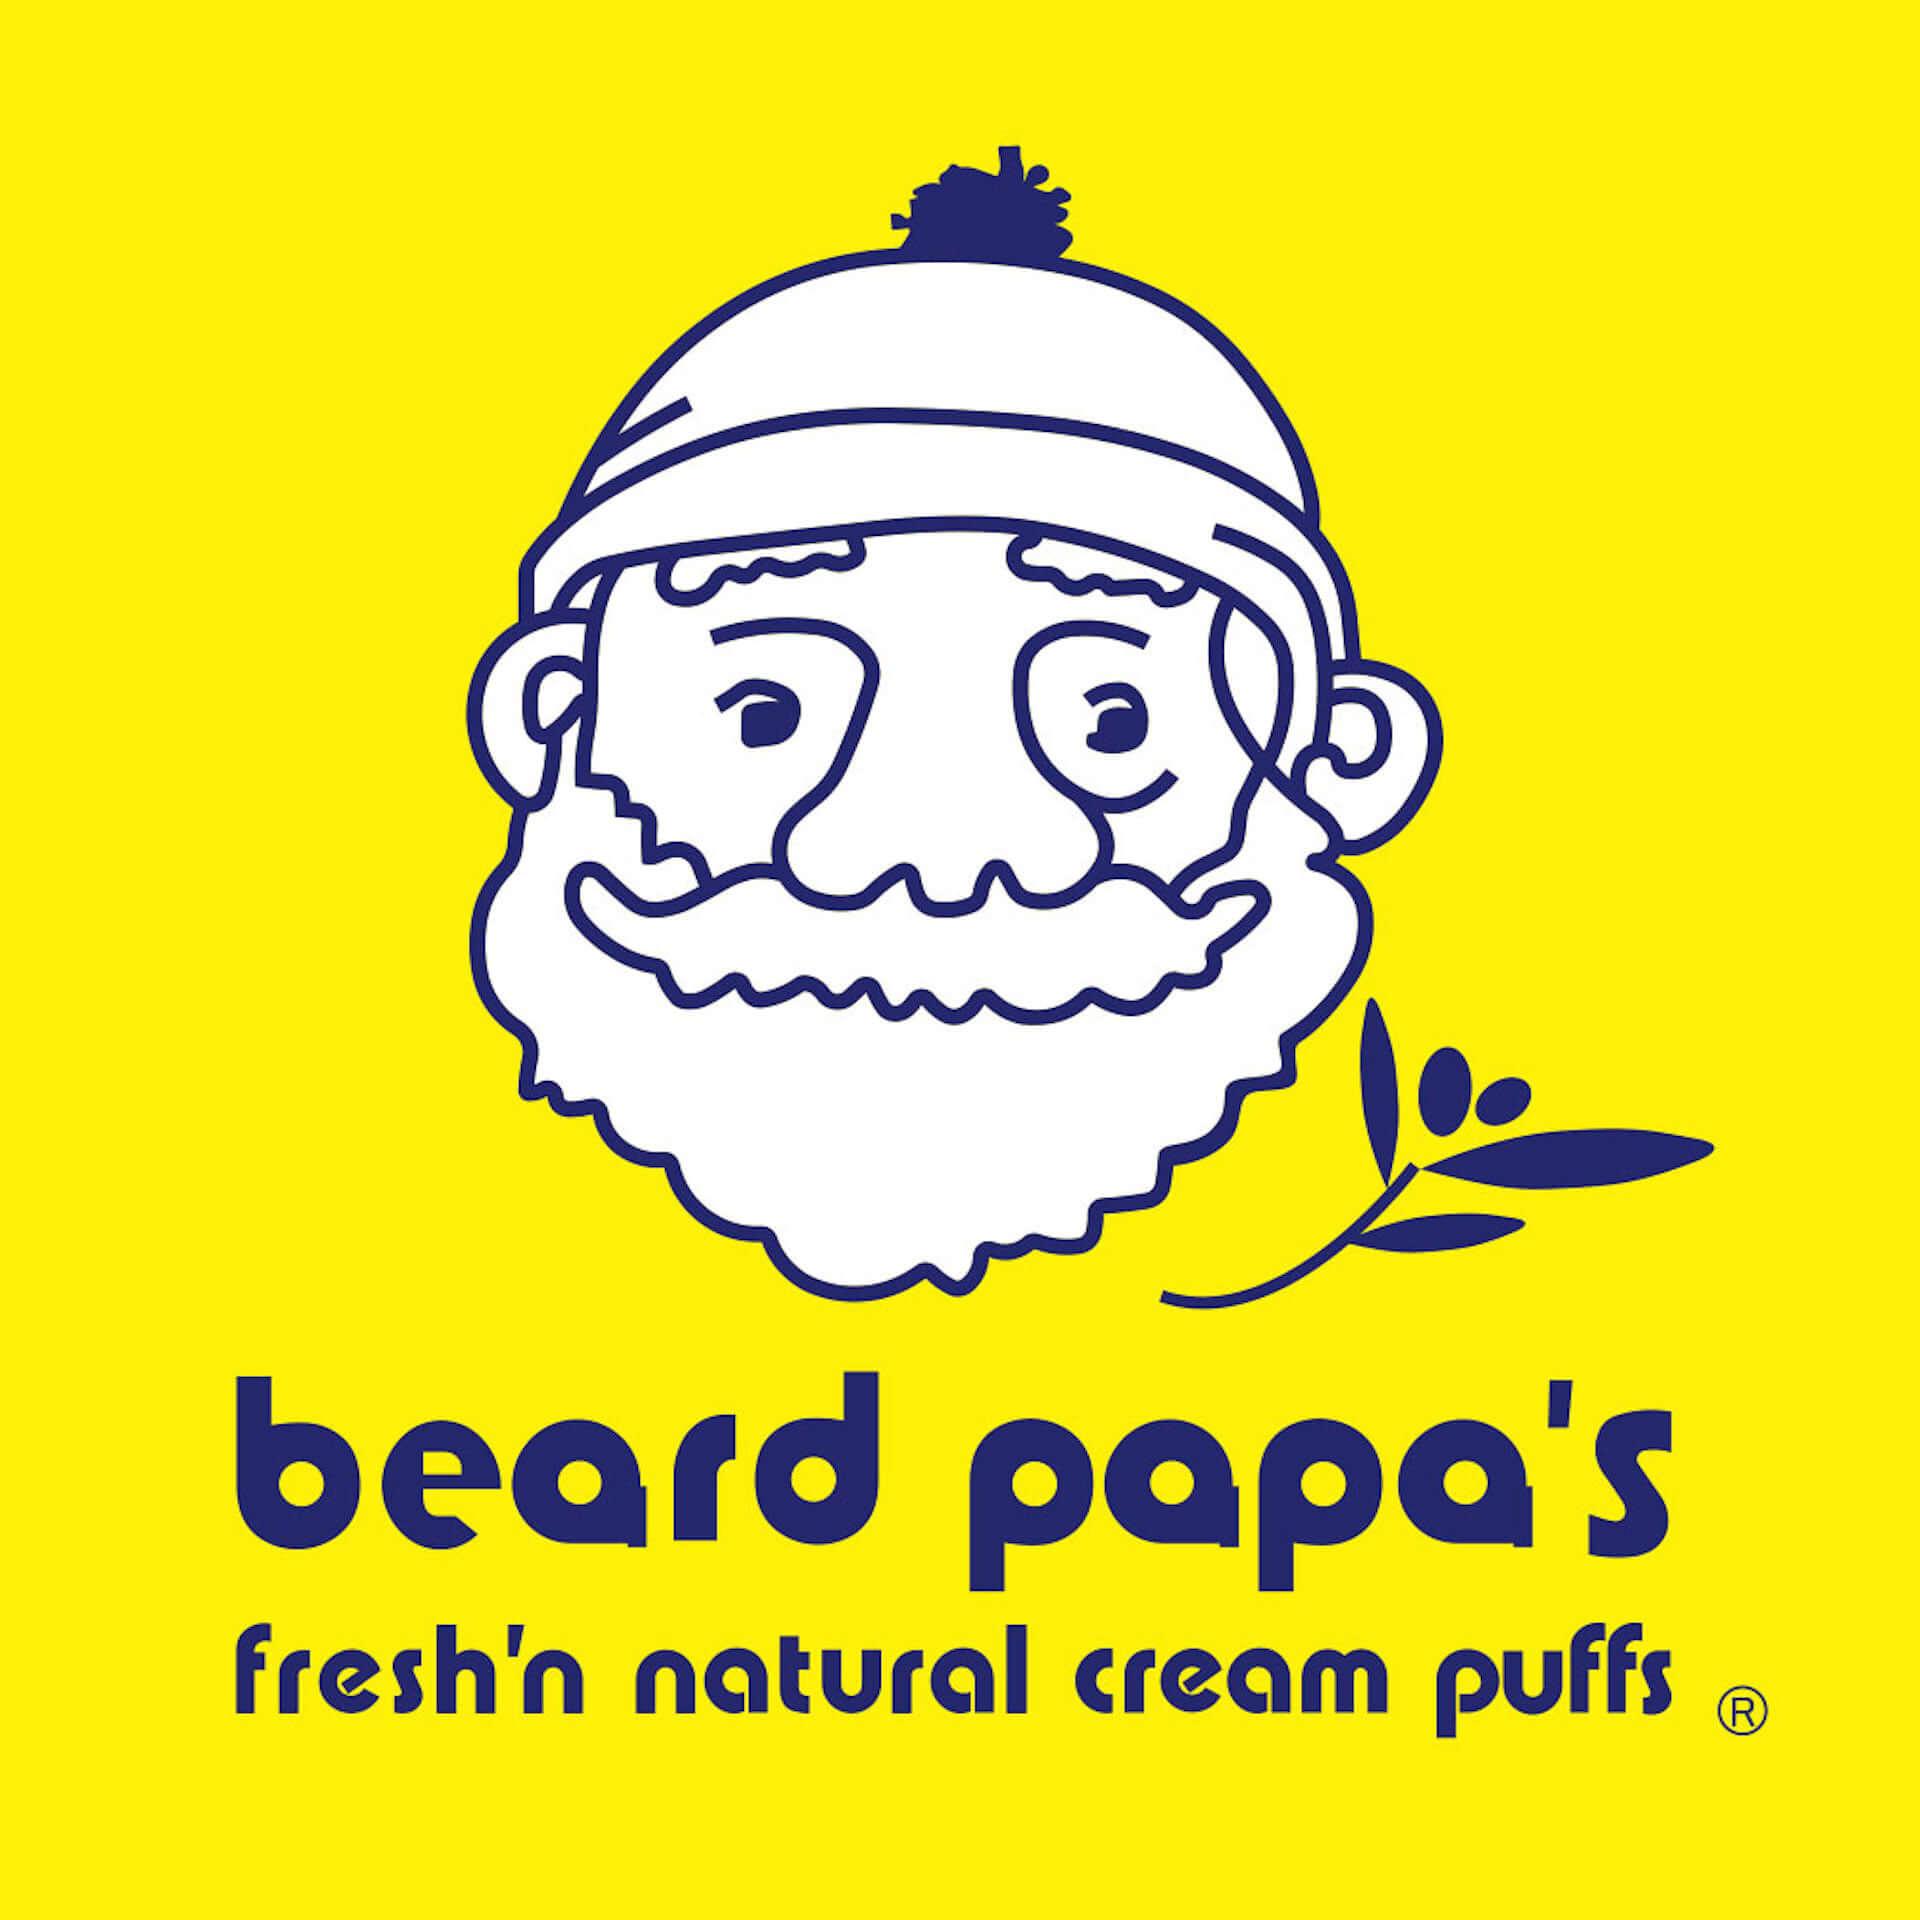 焼いものようなホクホクとした食感を楽しもう!ビアードパパが期間限定シュークリーム『焼いもシュー』を発売 gourmet201102_beardpapa_4-1920x1920